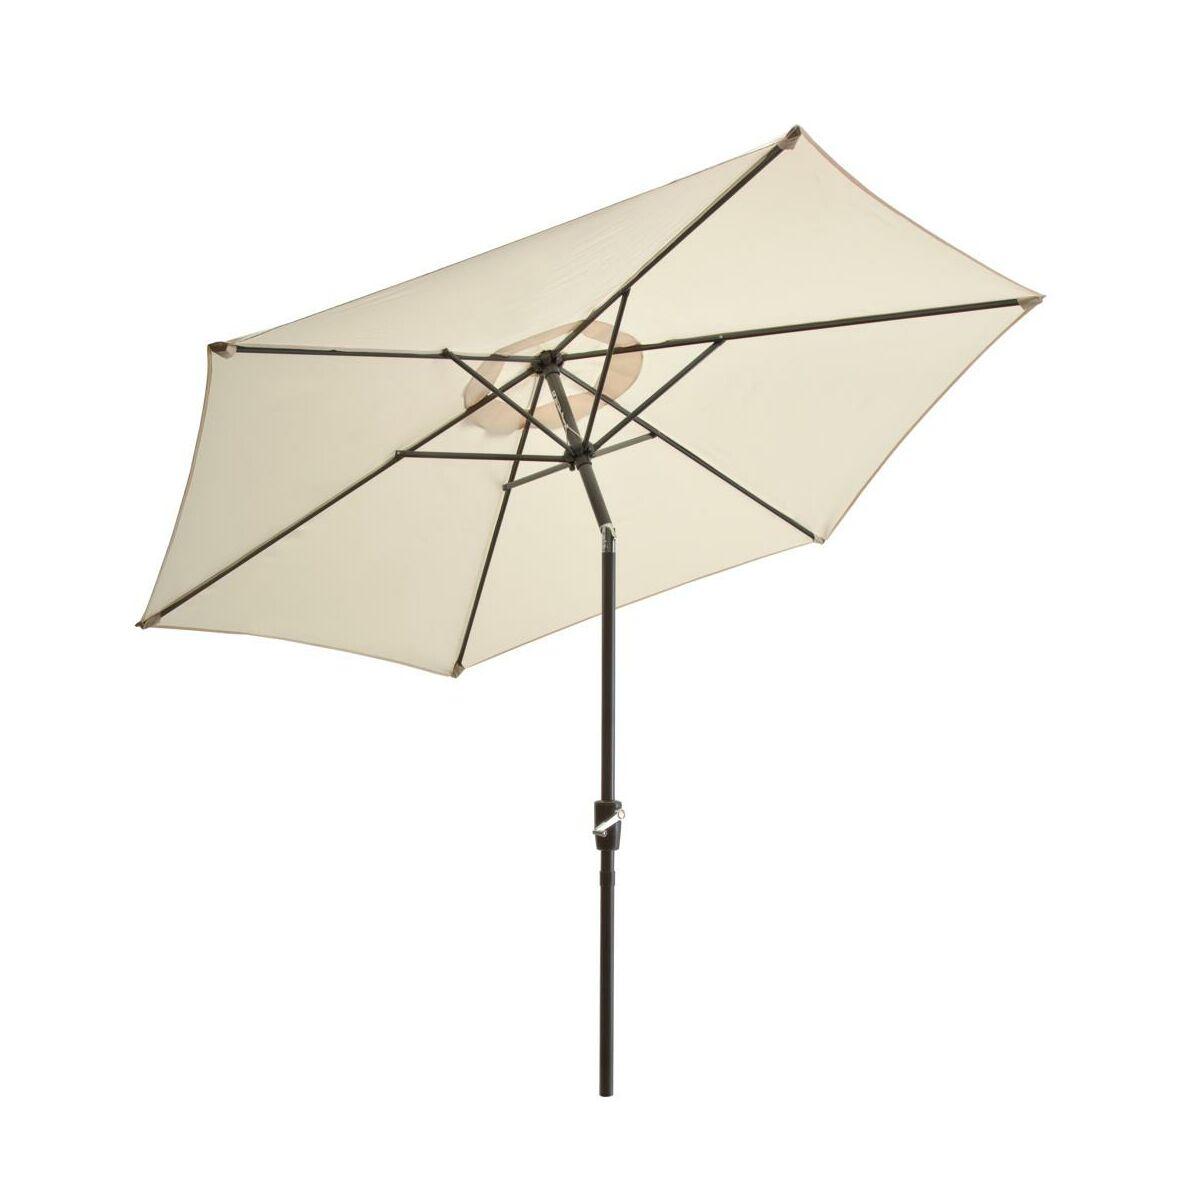 parasol ogrodowy parasole ogrodowe podstawy w atrakcyjnej cenie w sklepach leroy merlin. Black Bedroom Furniture Sets. Home Design Ideas